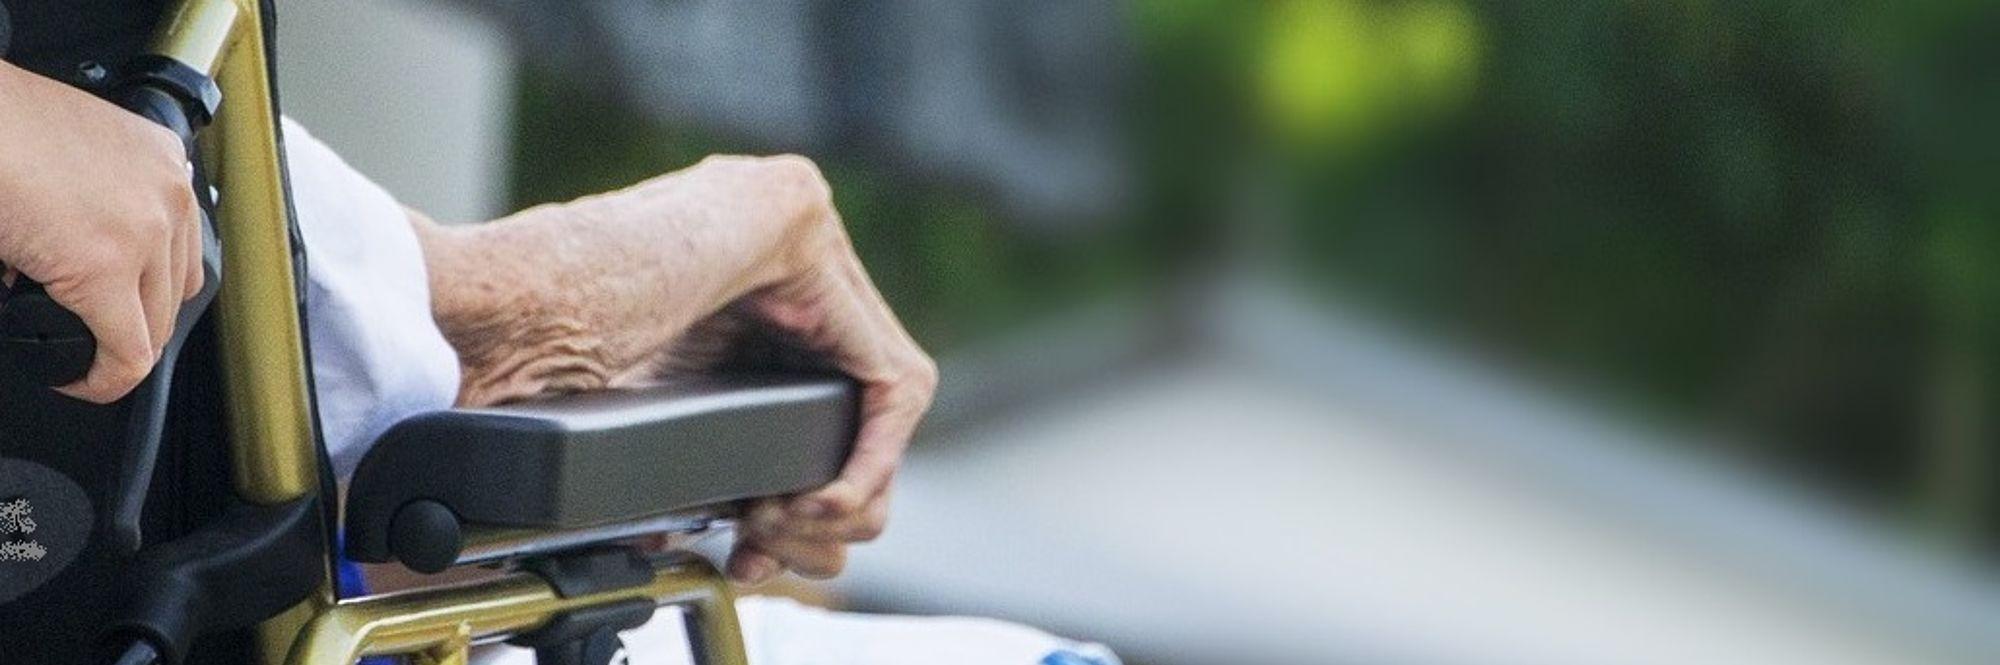 Lato sedia a rotelle con braccio anziana